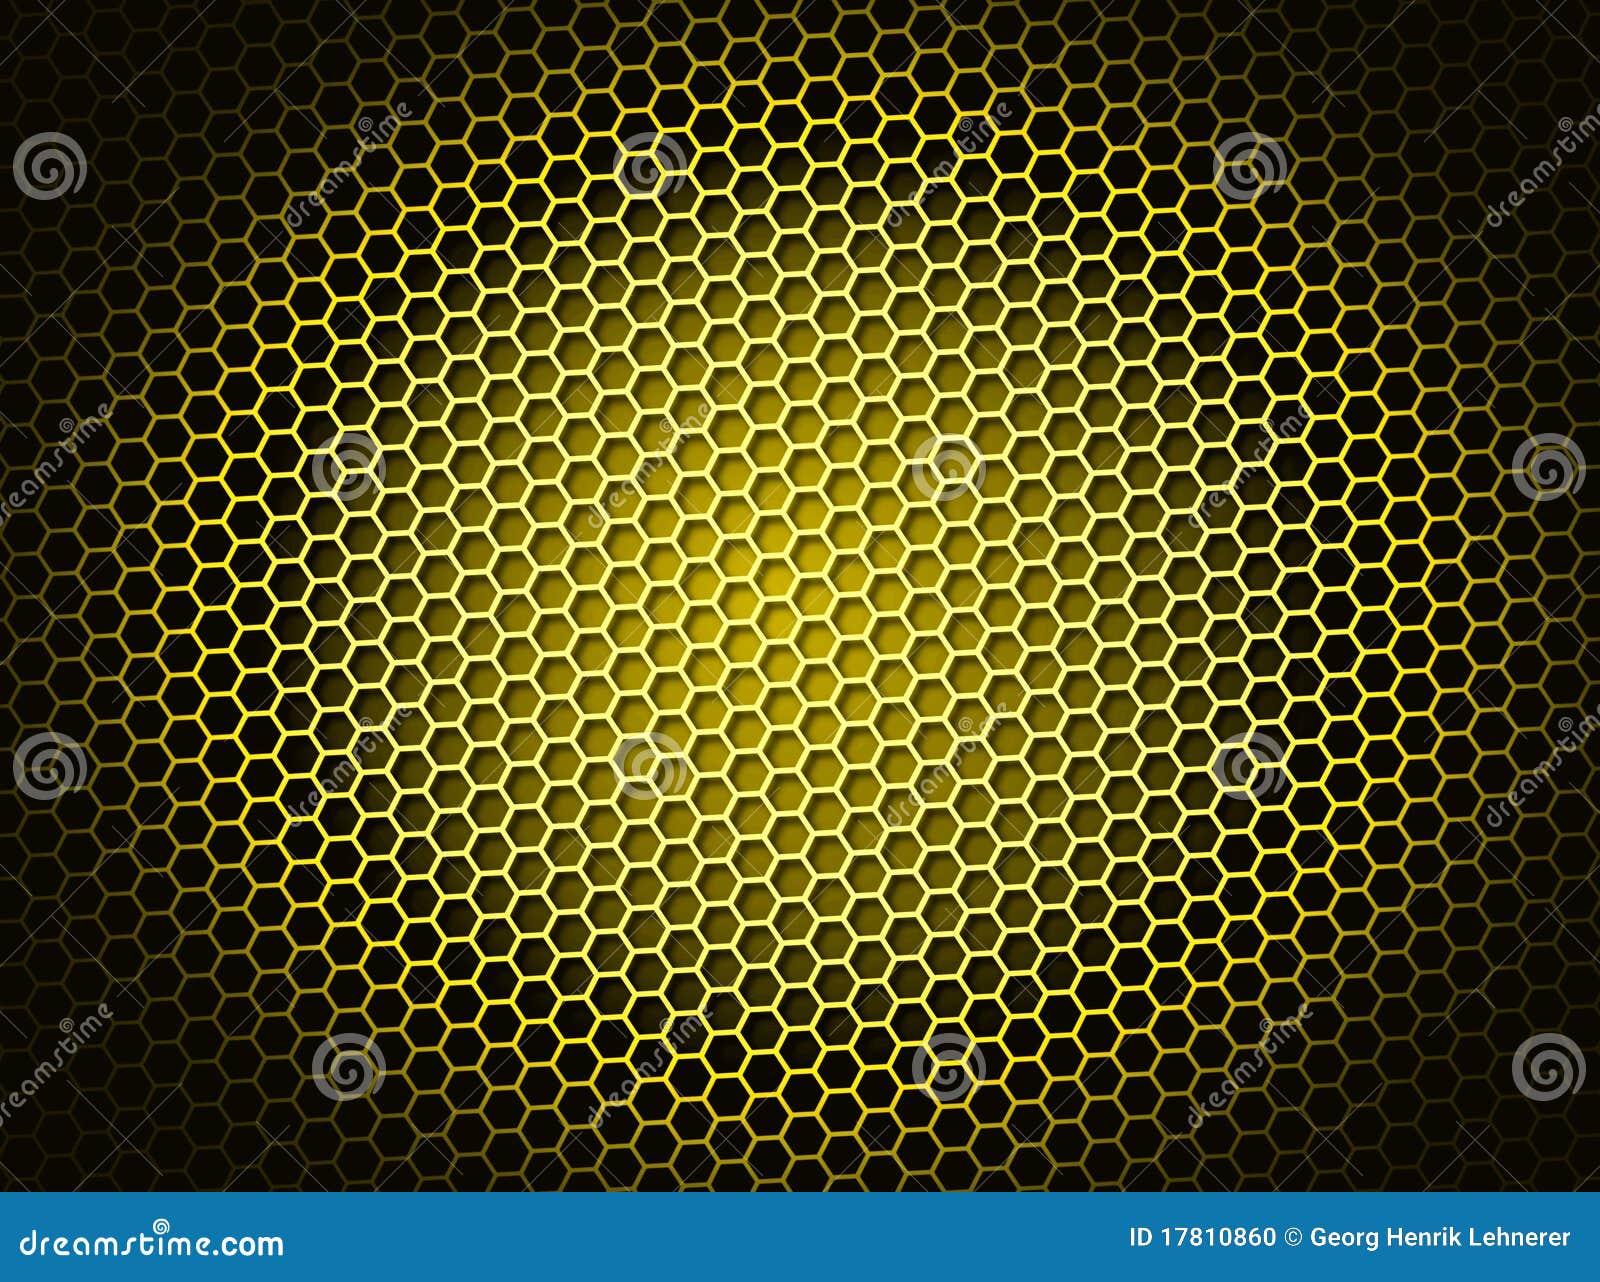 Yellow honeycom...